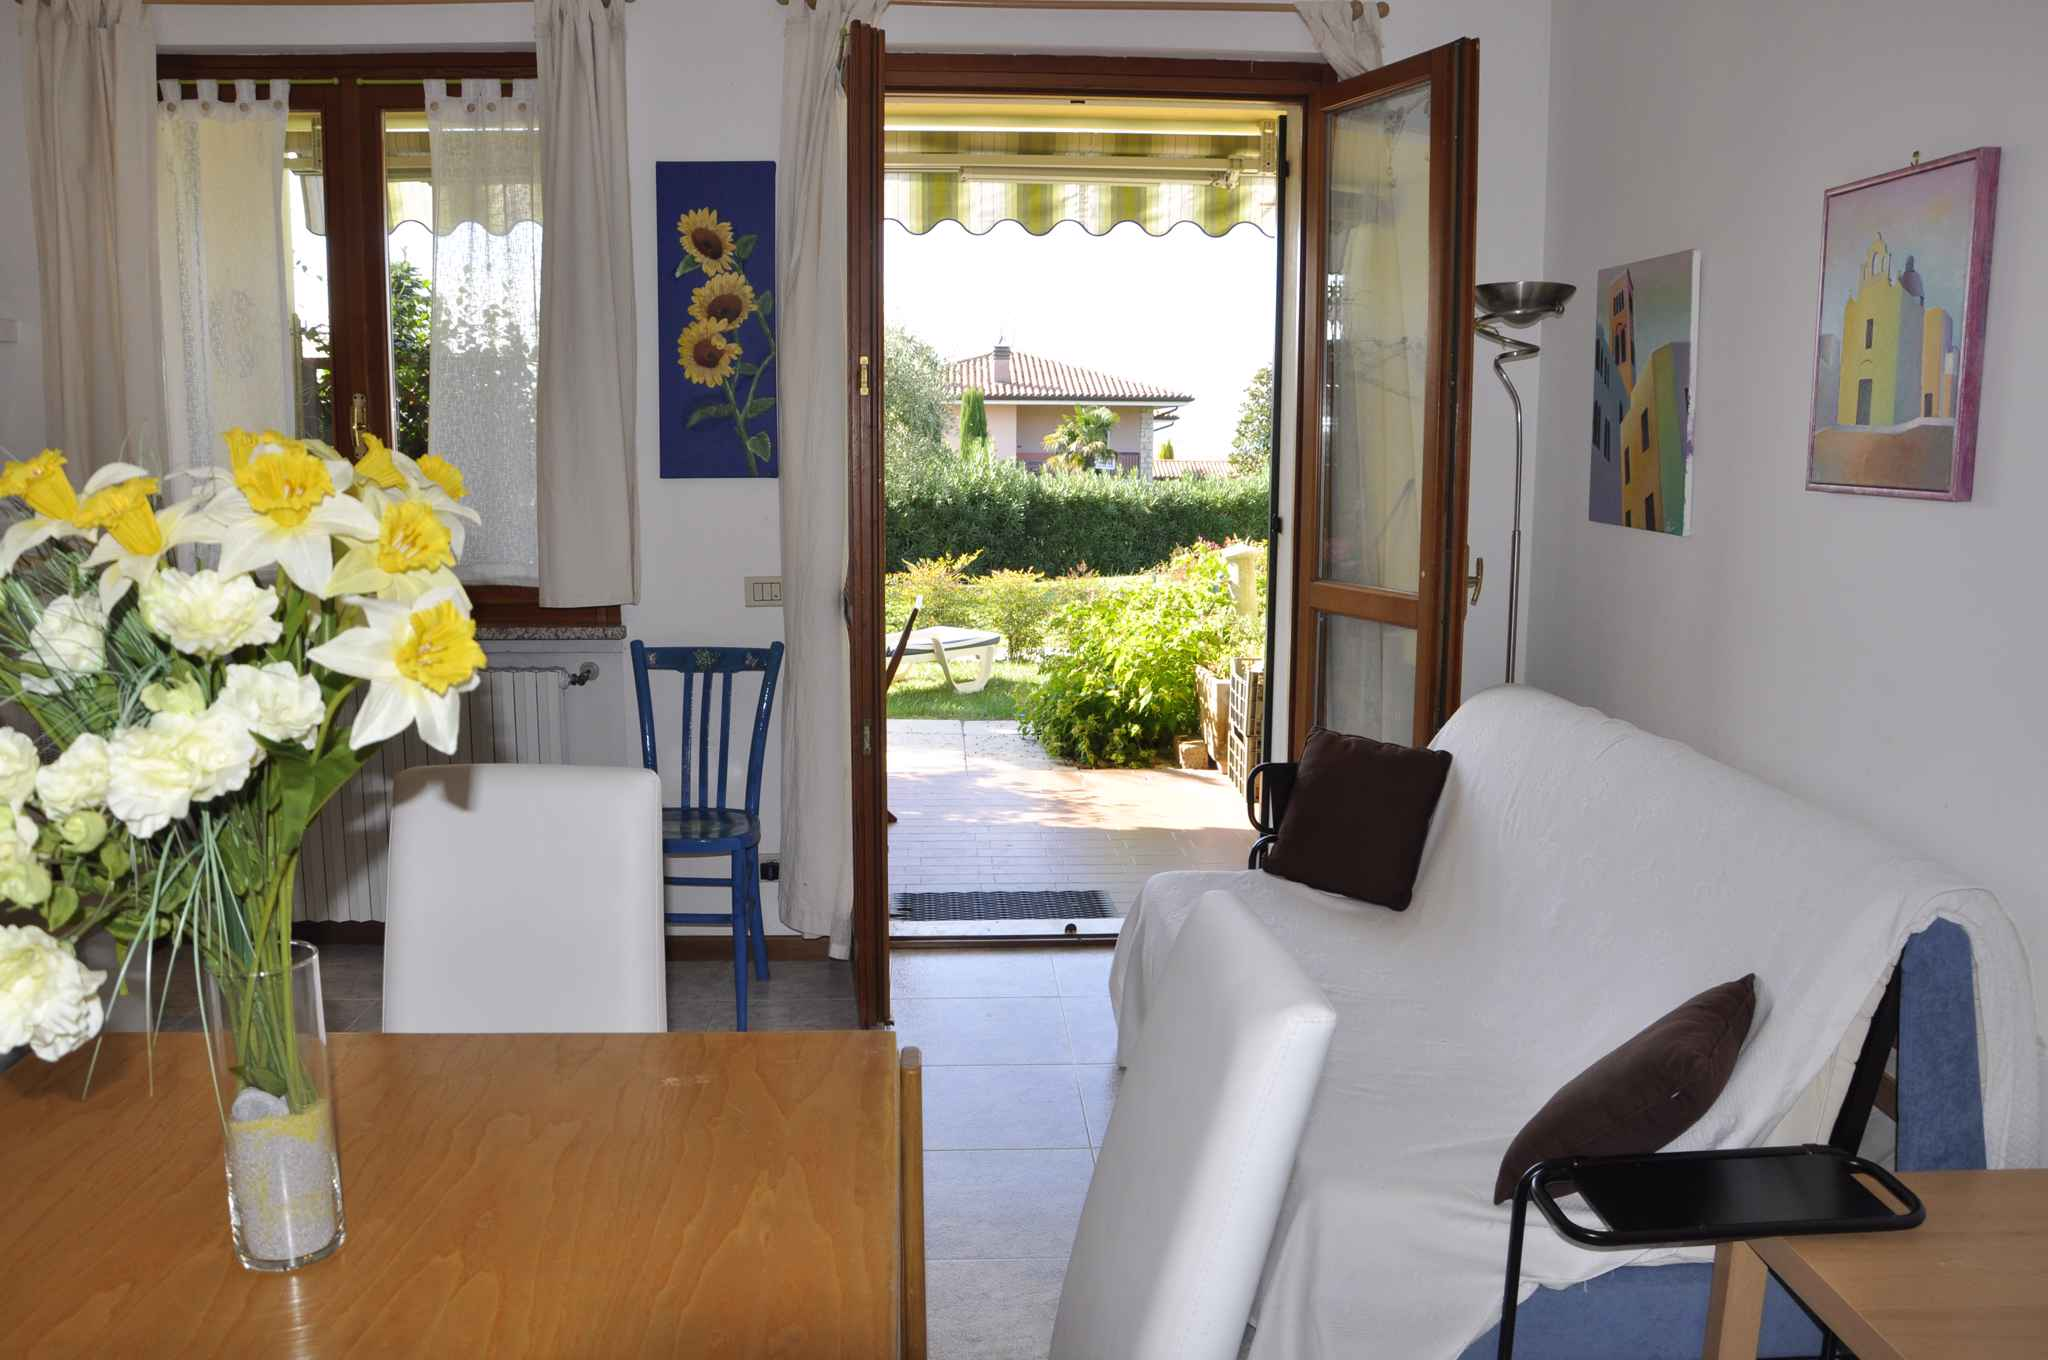 Ferienwohnung con piscina (279601), Lazise, Gardasee, Venetien, Italien, Bild 18